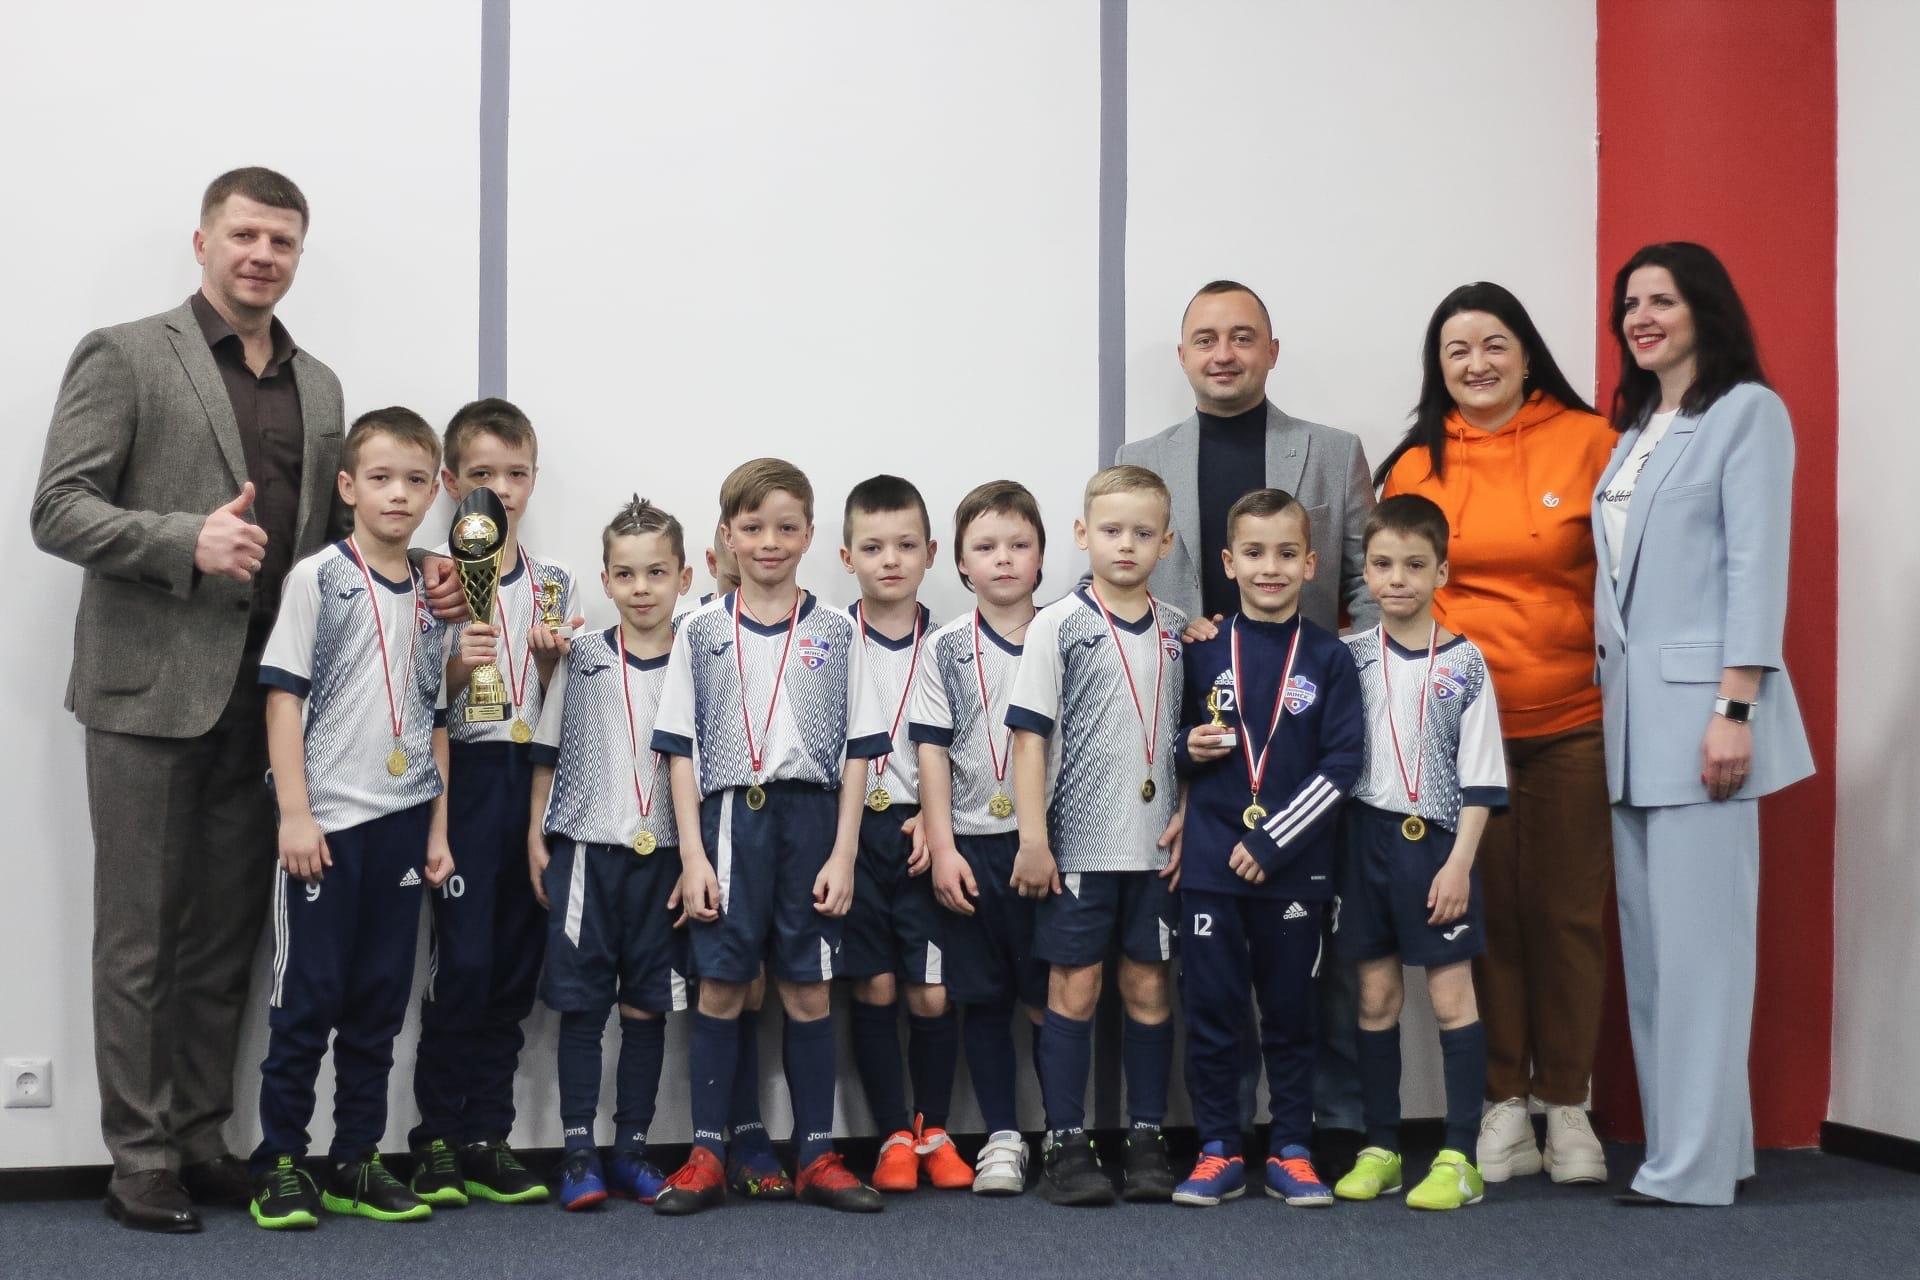 Горожане-1 — Чемпион Премьерлиги Юни 2014